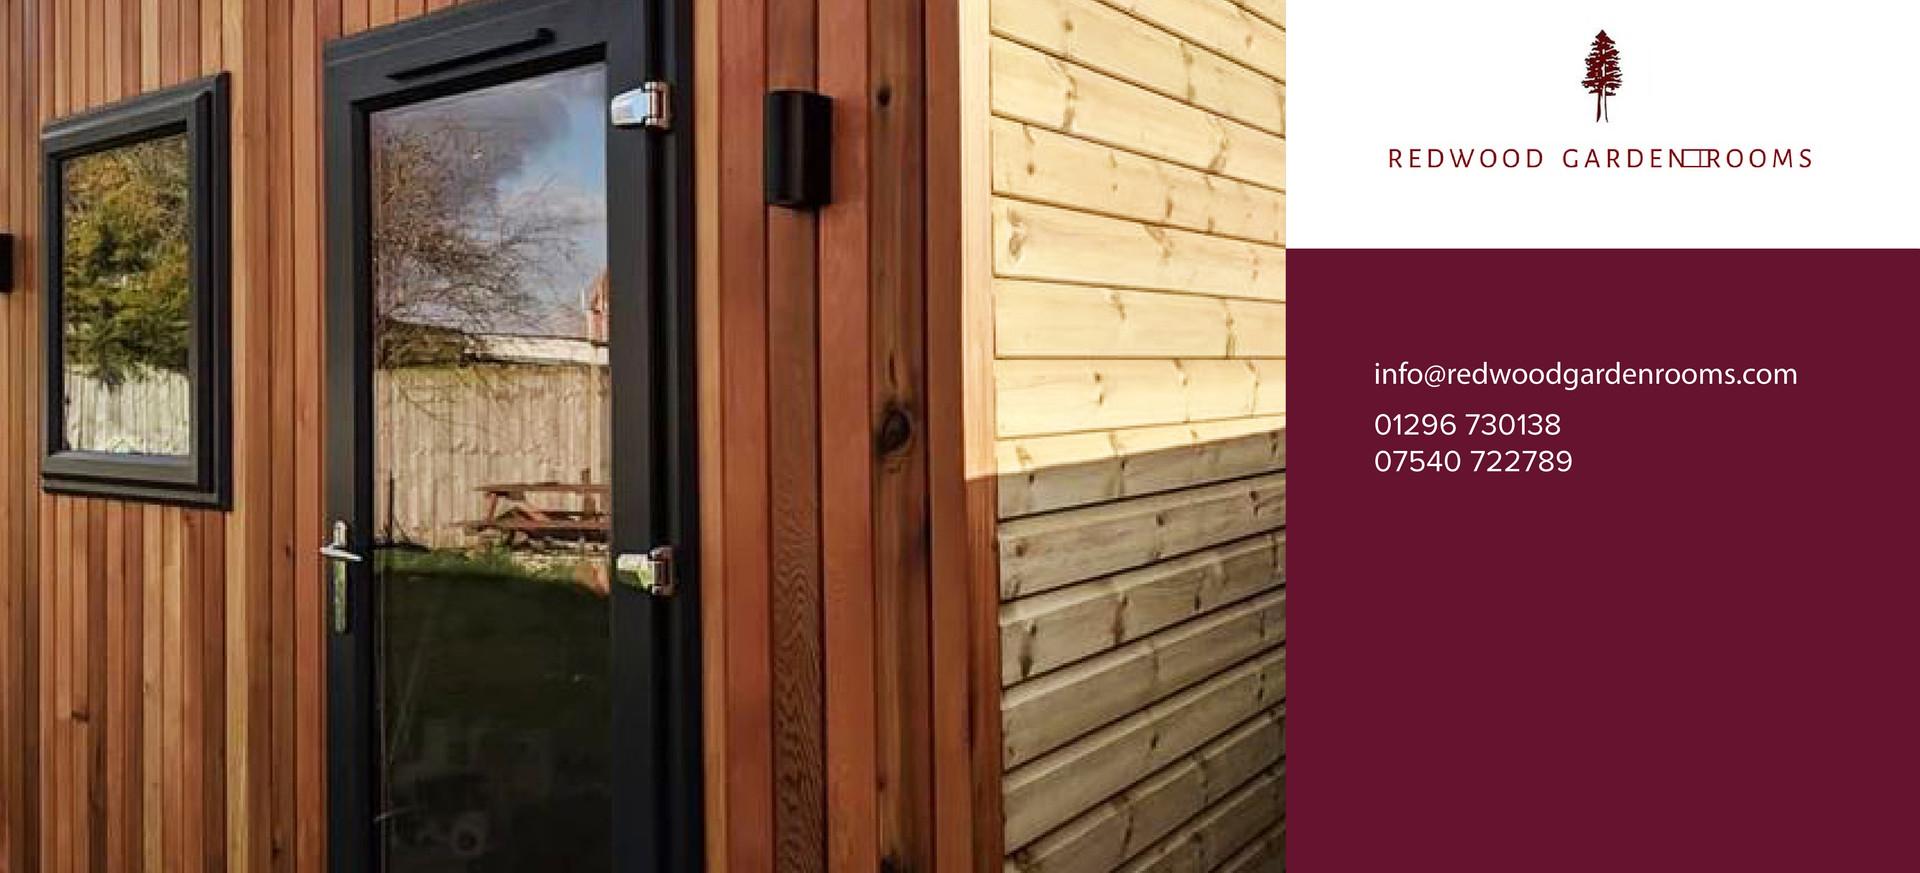 Redwood Garden Rooms - The Radio Shack